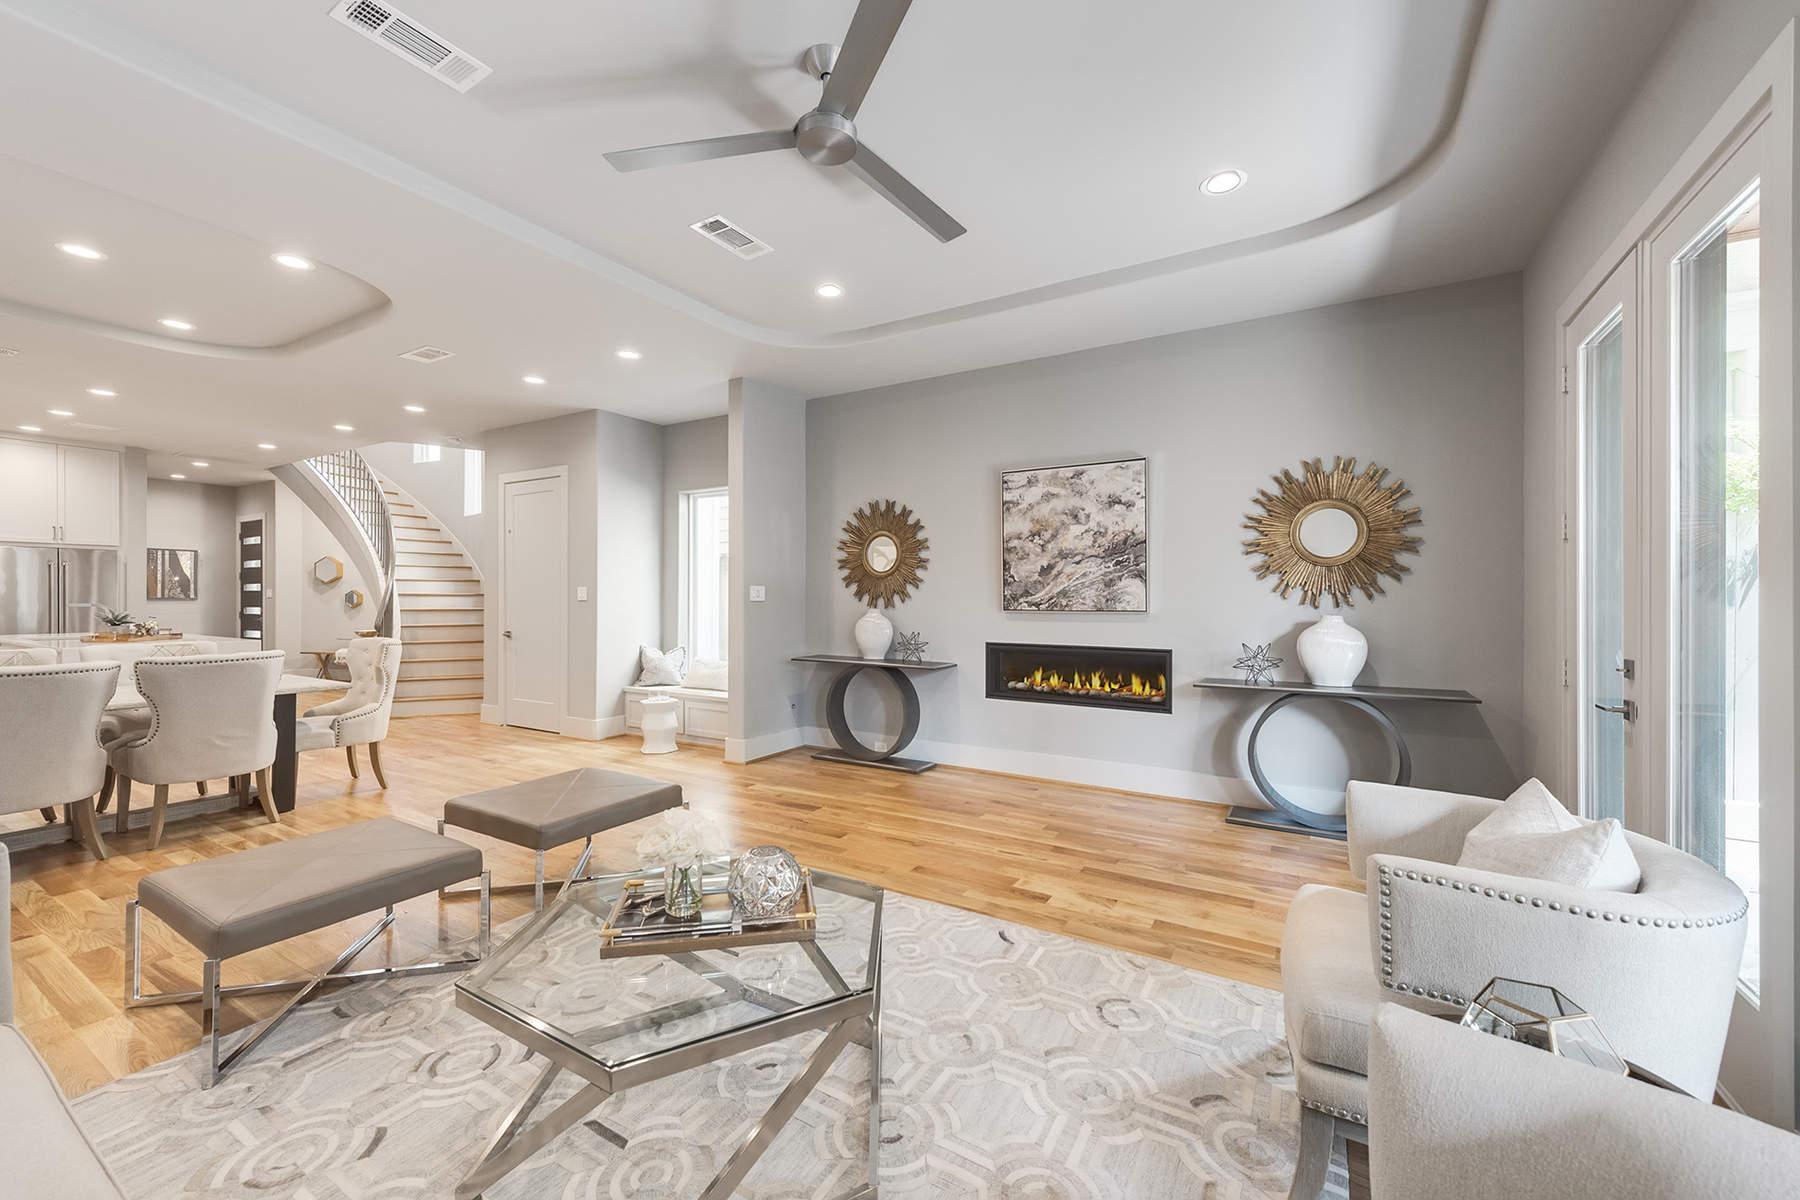 Частный односемейный дом для того Продажа на 219 Malone Street Houston, Техас, 77007 Соединенные Штаты